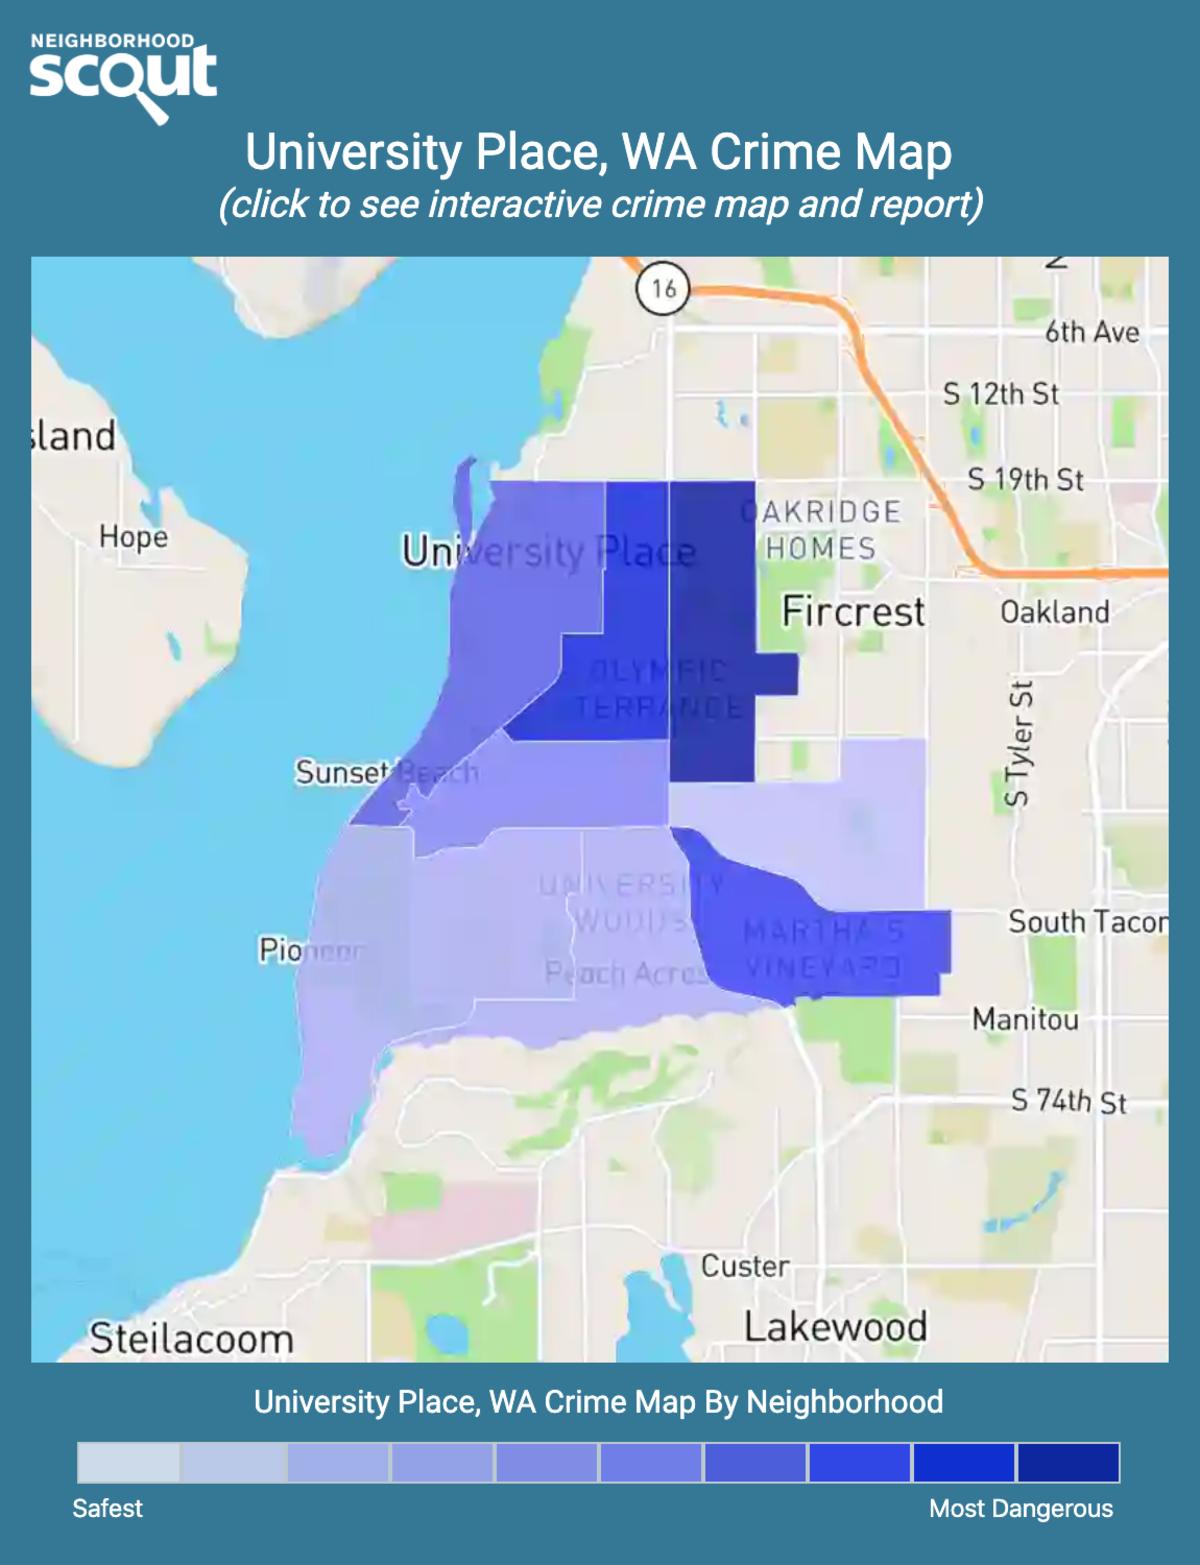 University Place, Washington crime map